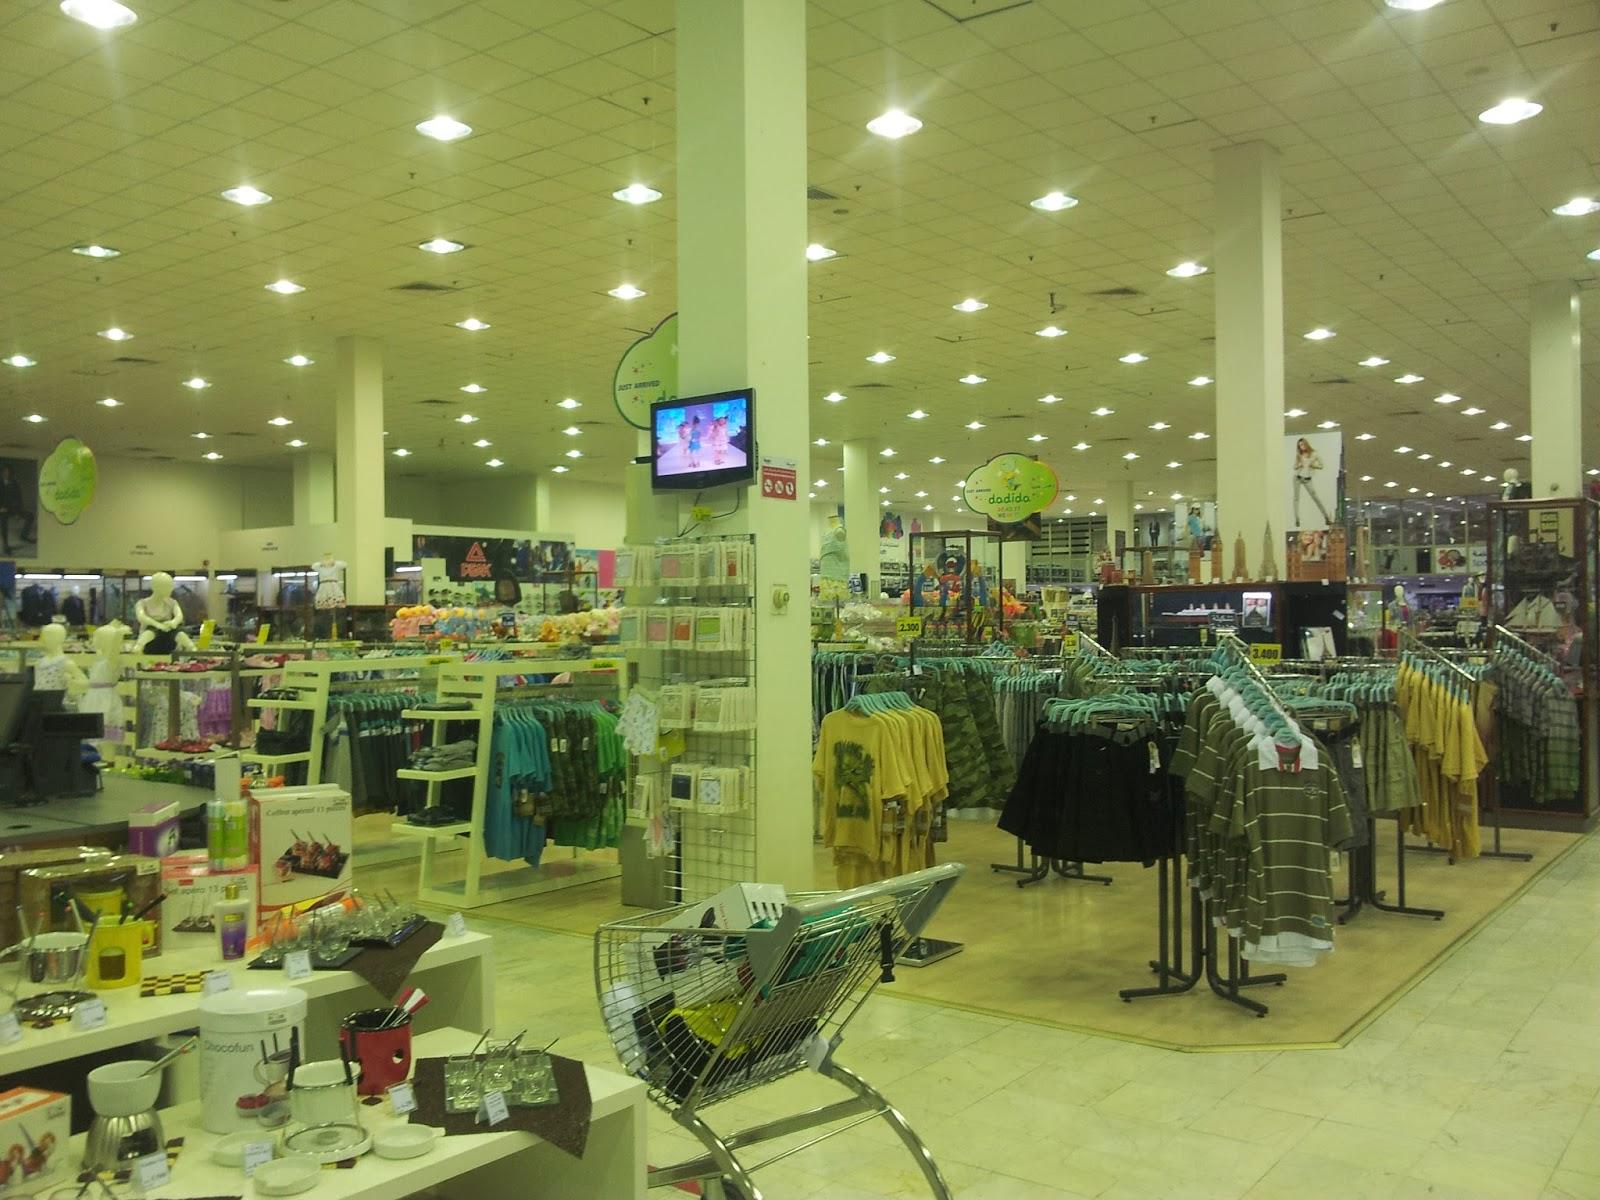 Sears in Kuwait | Life in Kuwait